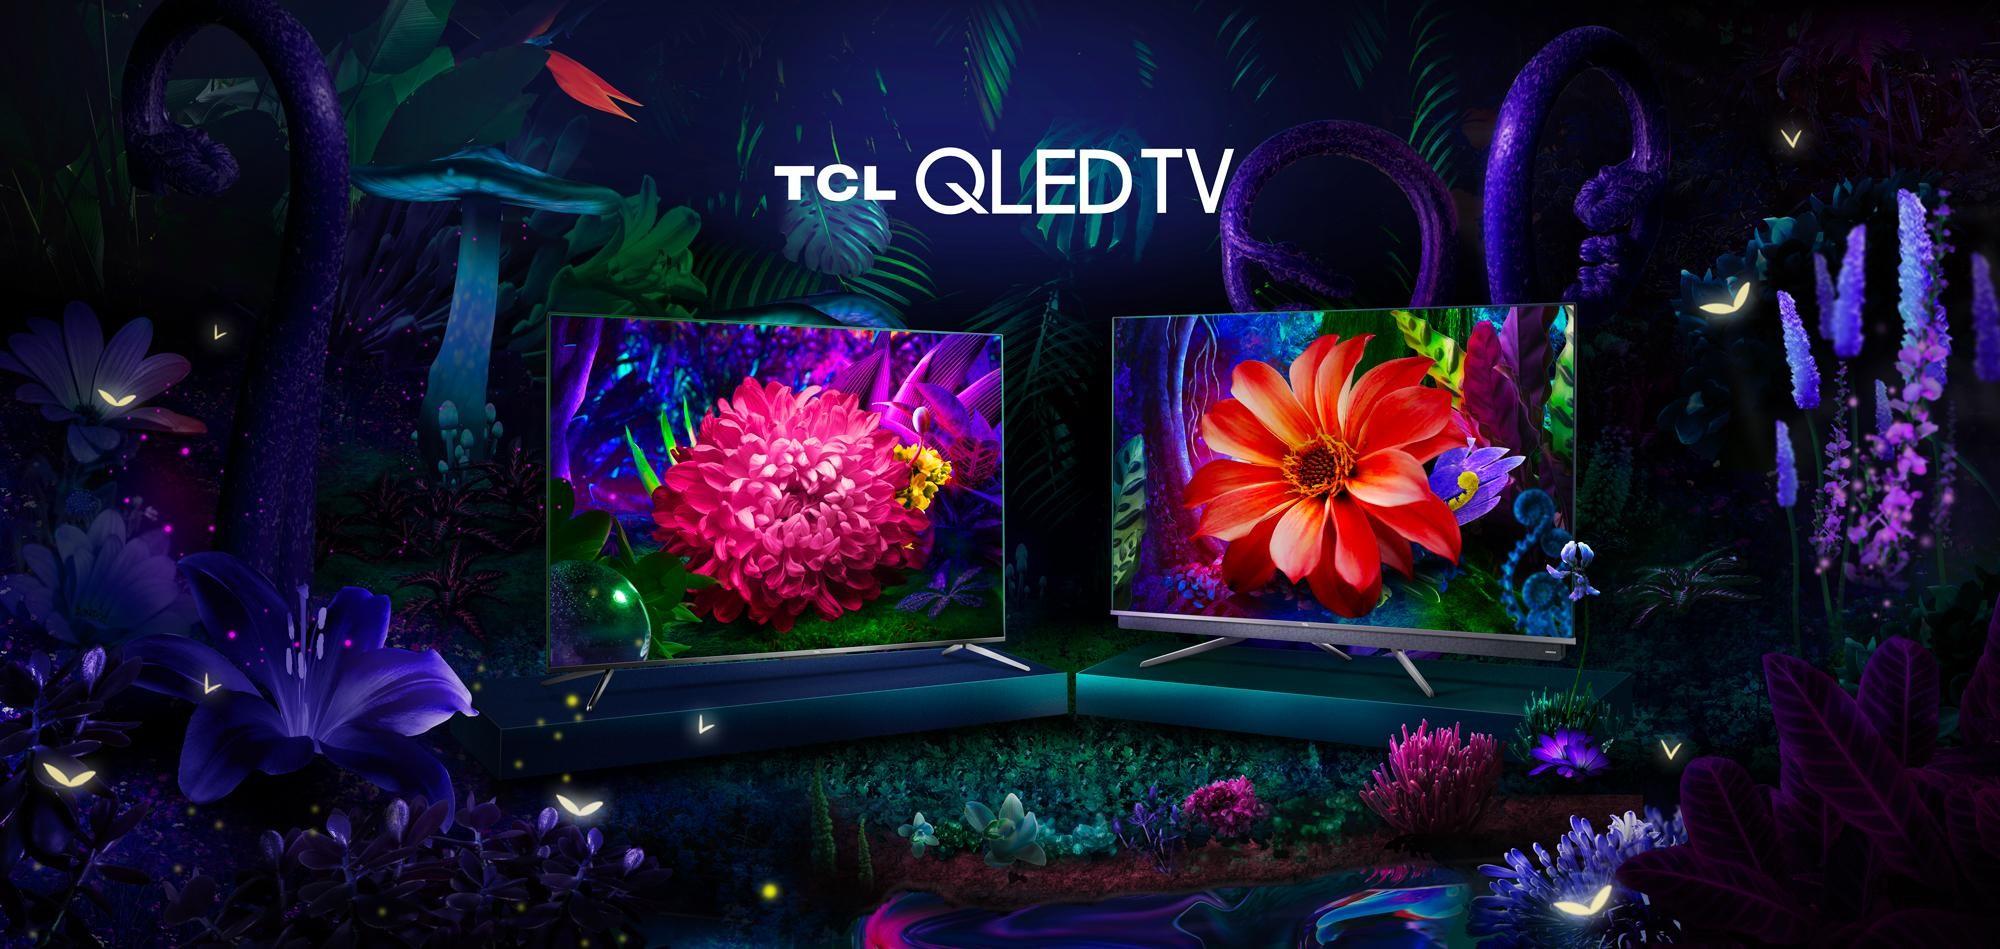 Televizoarele QLED C81 și C71 la prețuri imbatabile pe eMAG